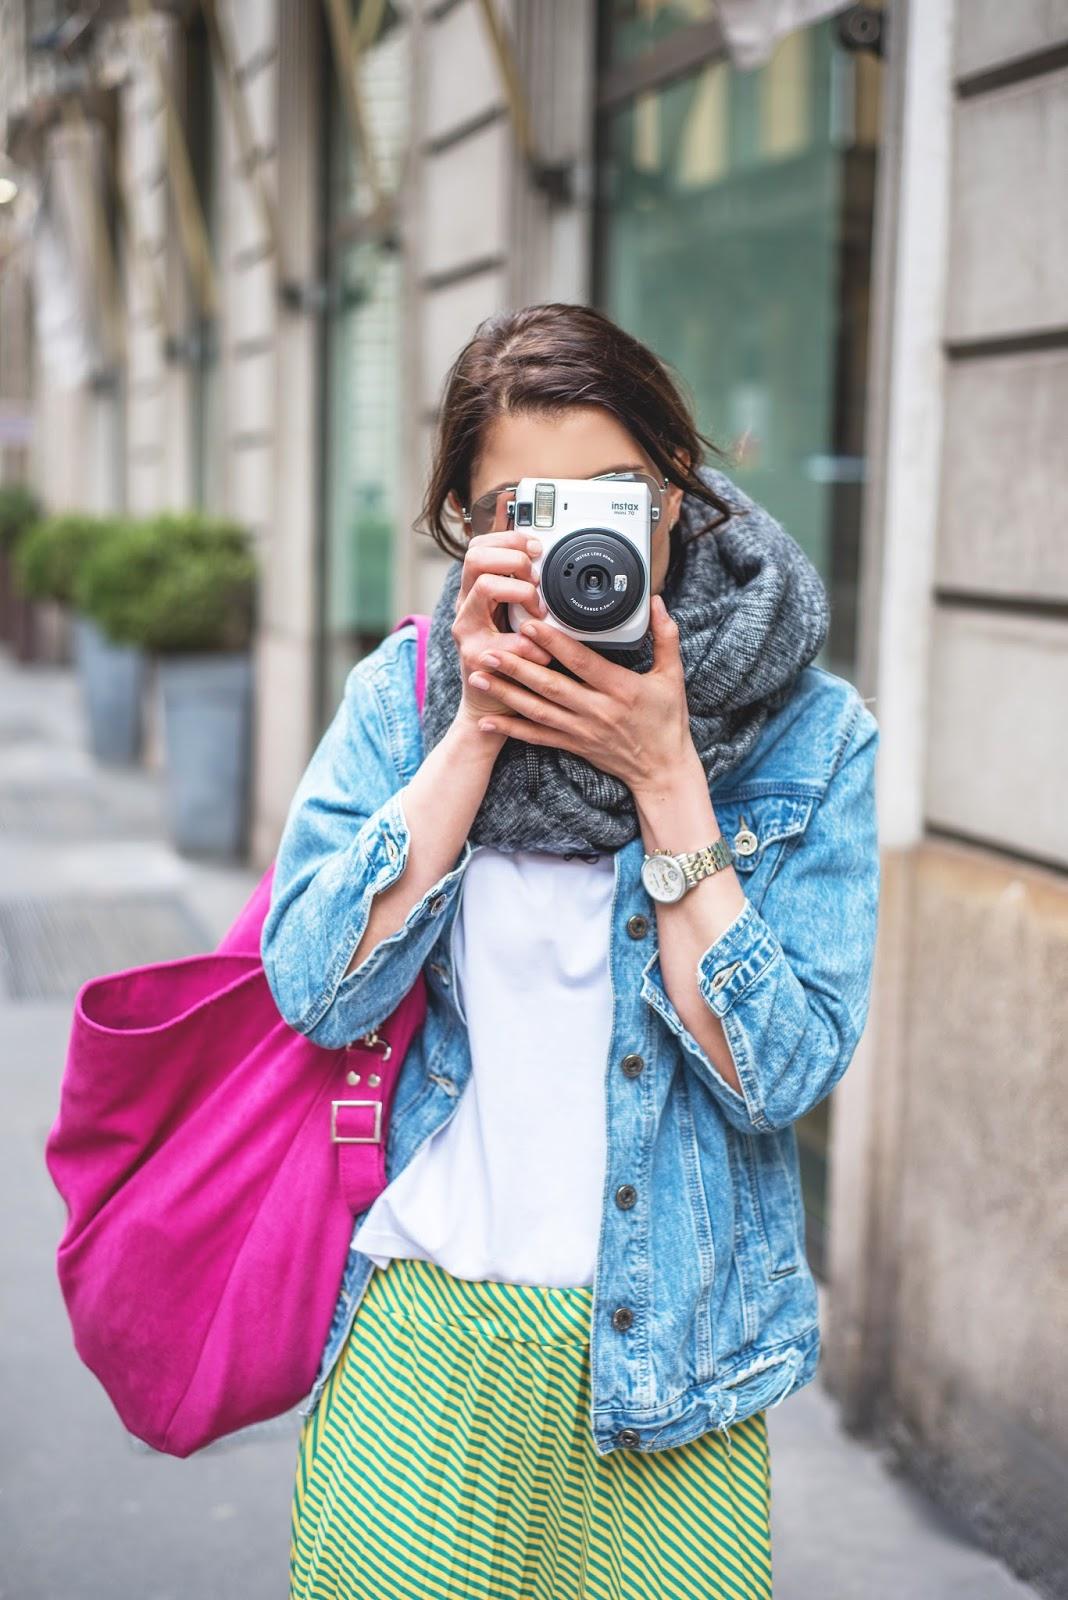 maxi spódnica, plisowana spódnica, maxi, kolorowa stylizacja, kolorowa torebka, blogerka, stylistka poznań, mediolan, milano fashion, shopper bag, denim, kurtka, denim jacket, instax, photo,